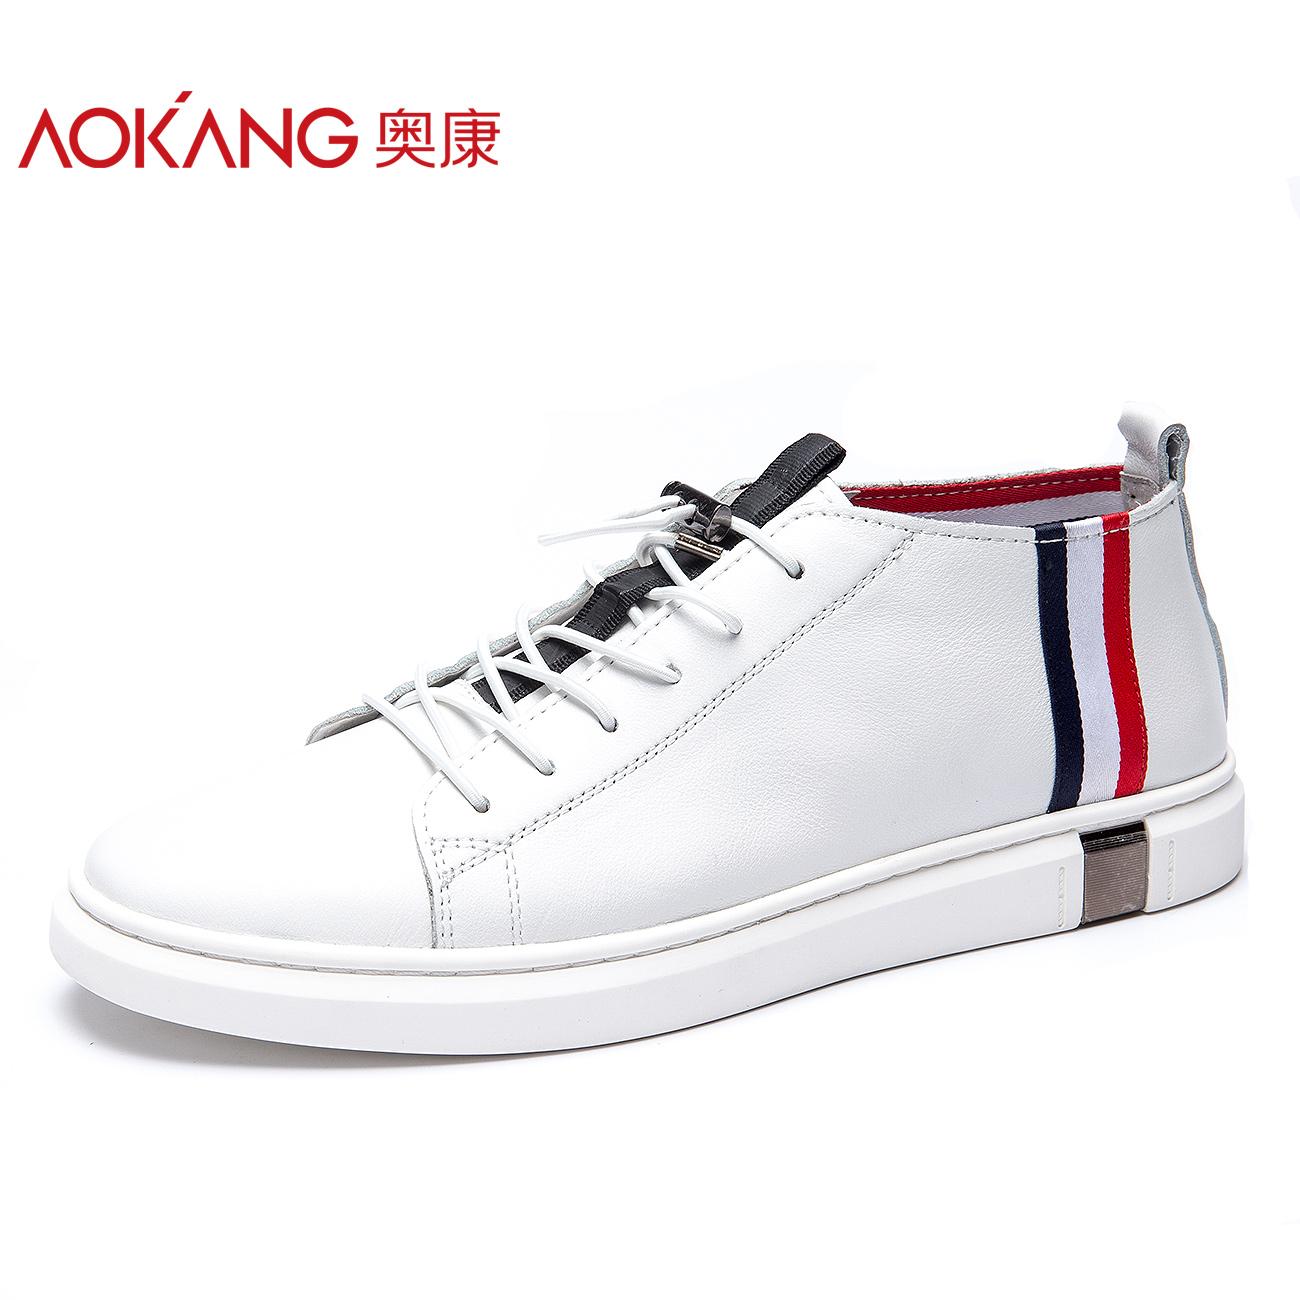 【 ворота магазин доставка 】 заумный мир мужская обувь 2018 год новая весна модель дерма простой обувь casual корейский мужской обувь